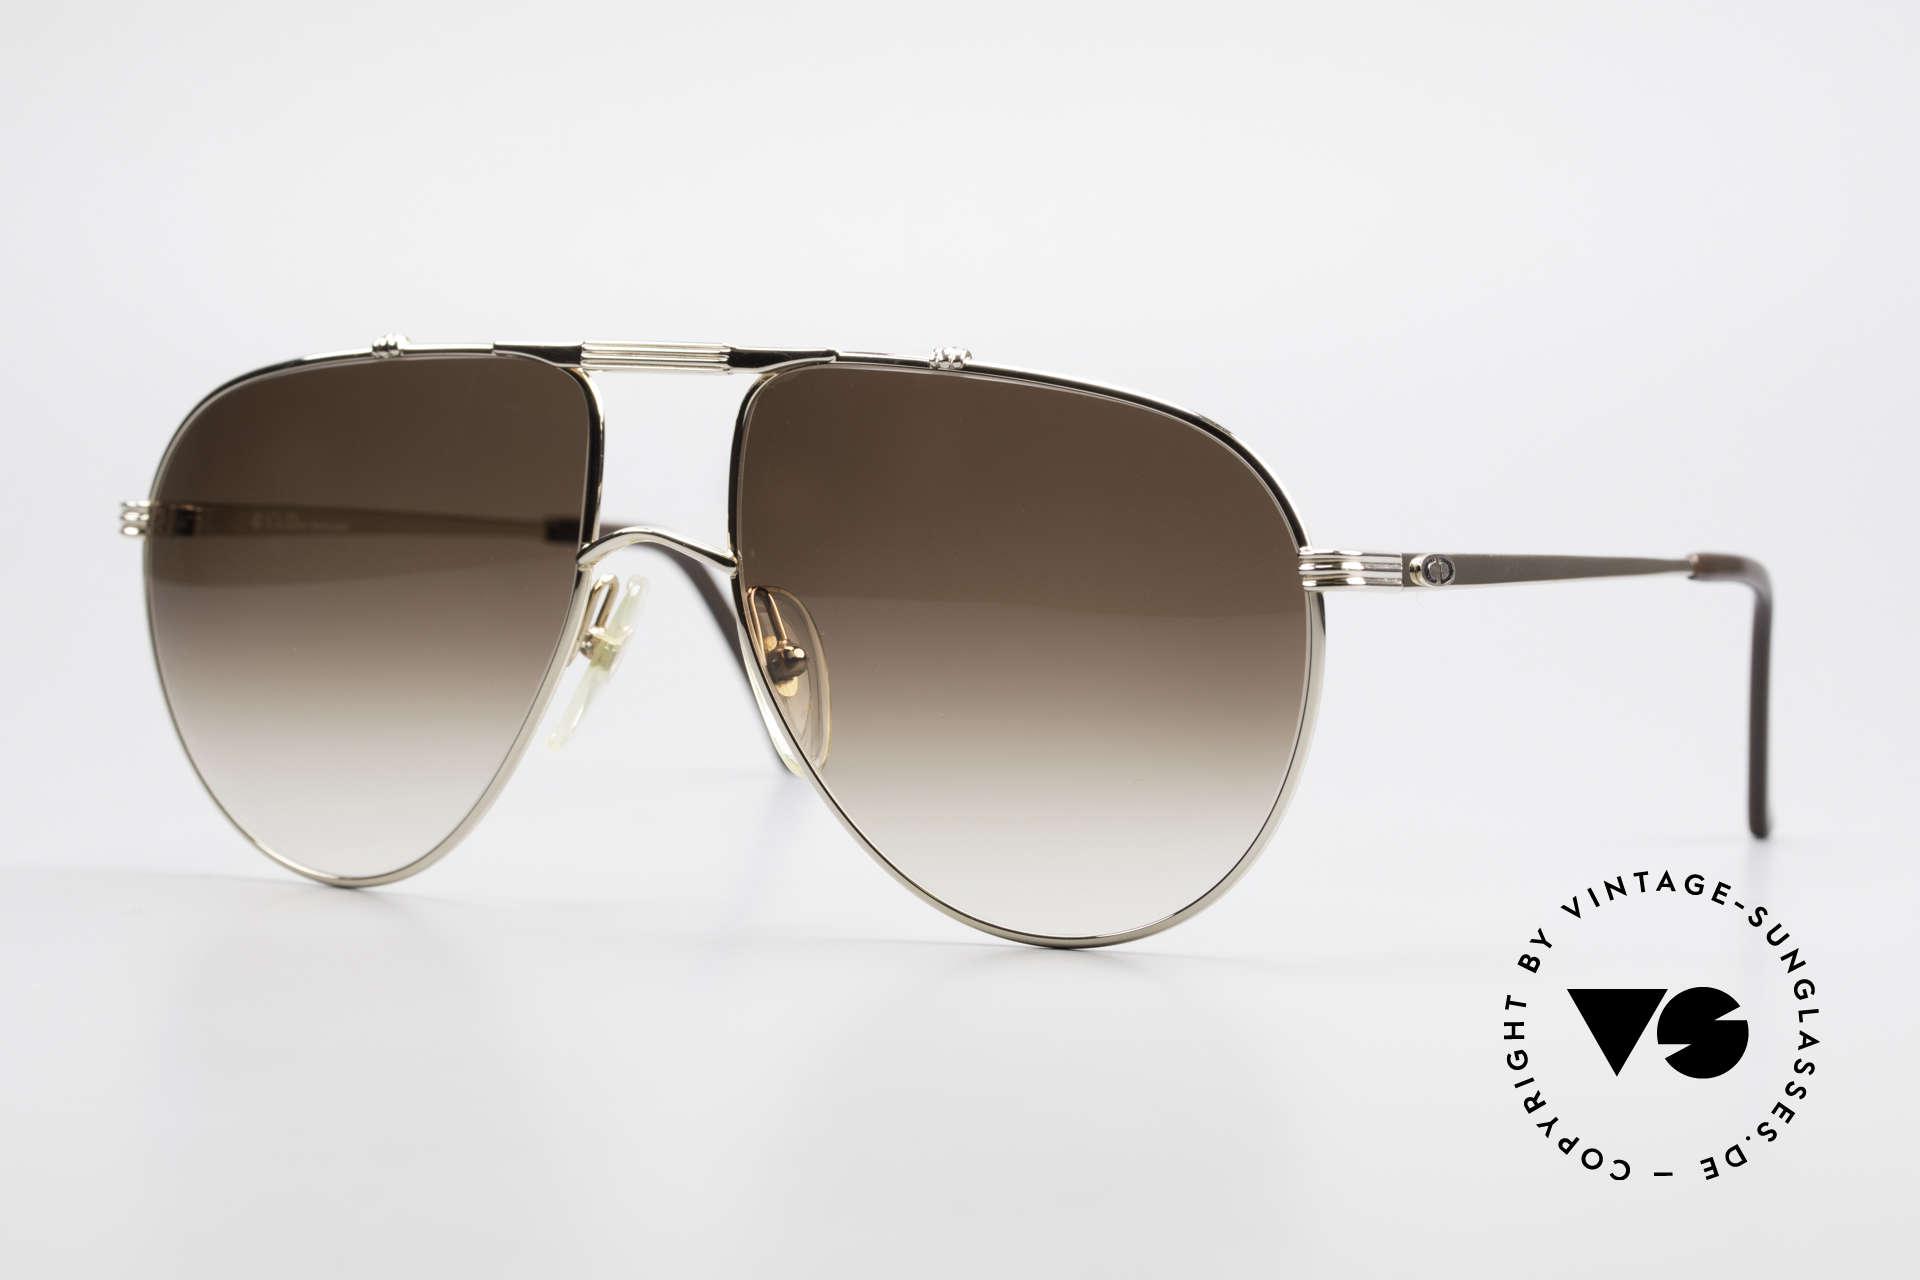 Christian Dior 2248 XL 80er Herren Sonnenbrille, Christian Dior Sonnenbrille aus der Monsieur-Serie, Passend für Herren